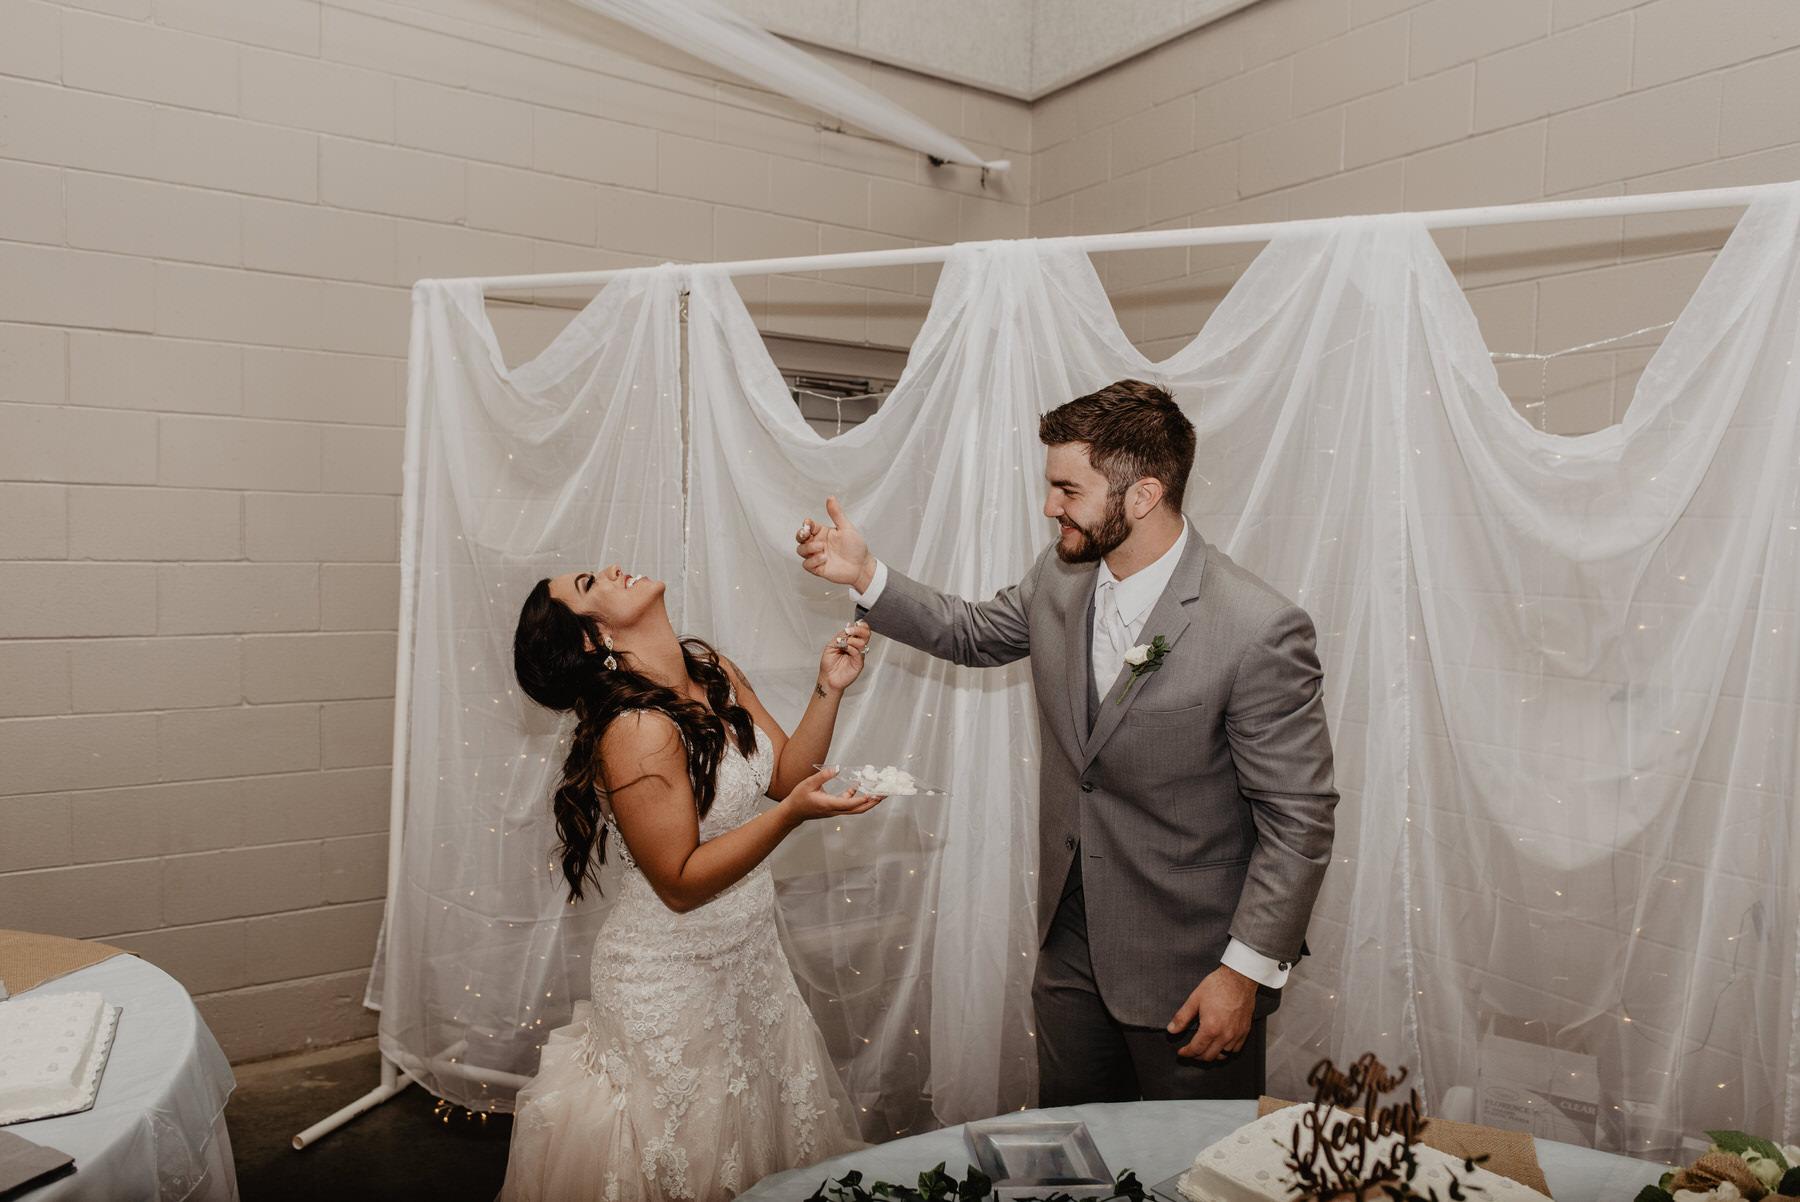 Kaylie-Sirek-Photography-Kearney-Nebraska-Wedding-101.jpg